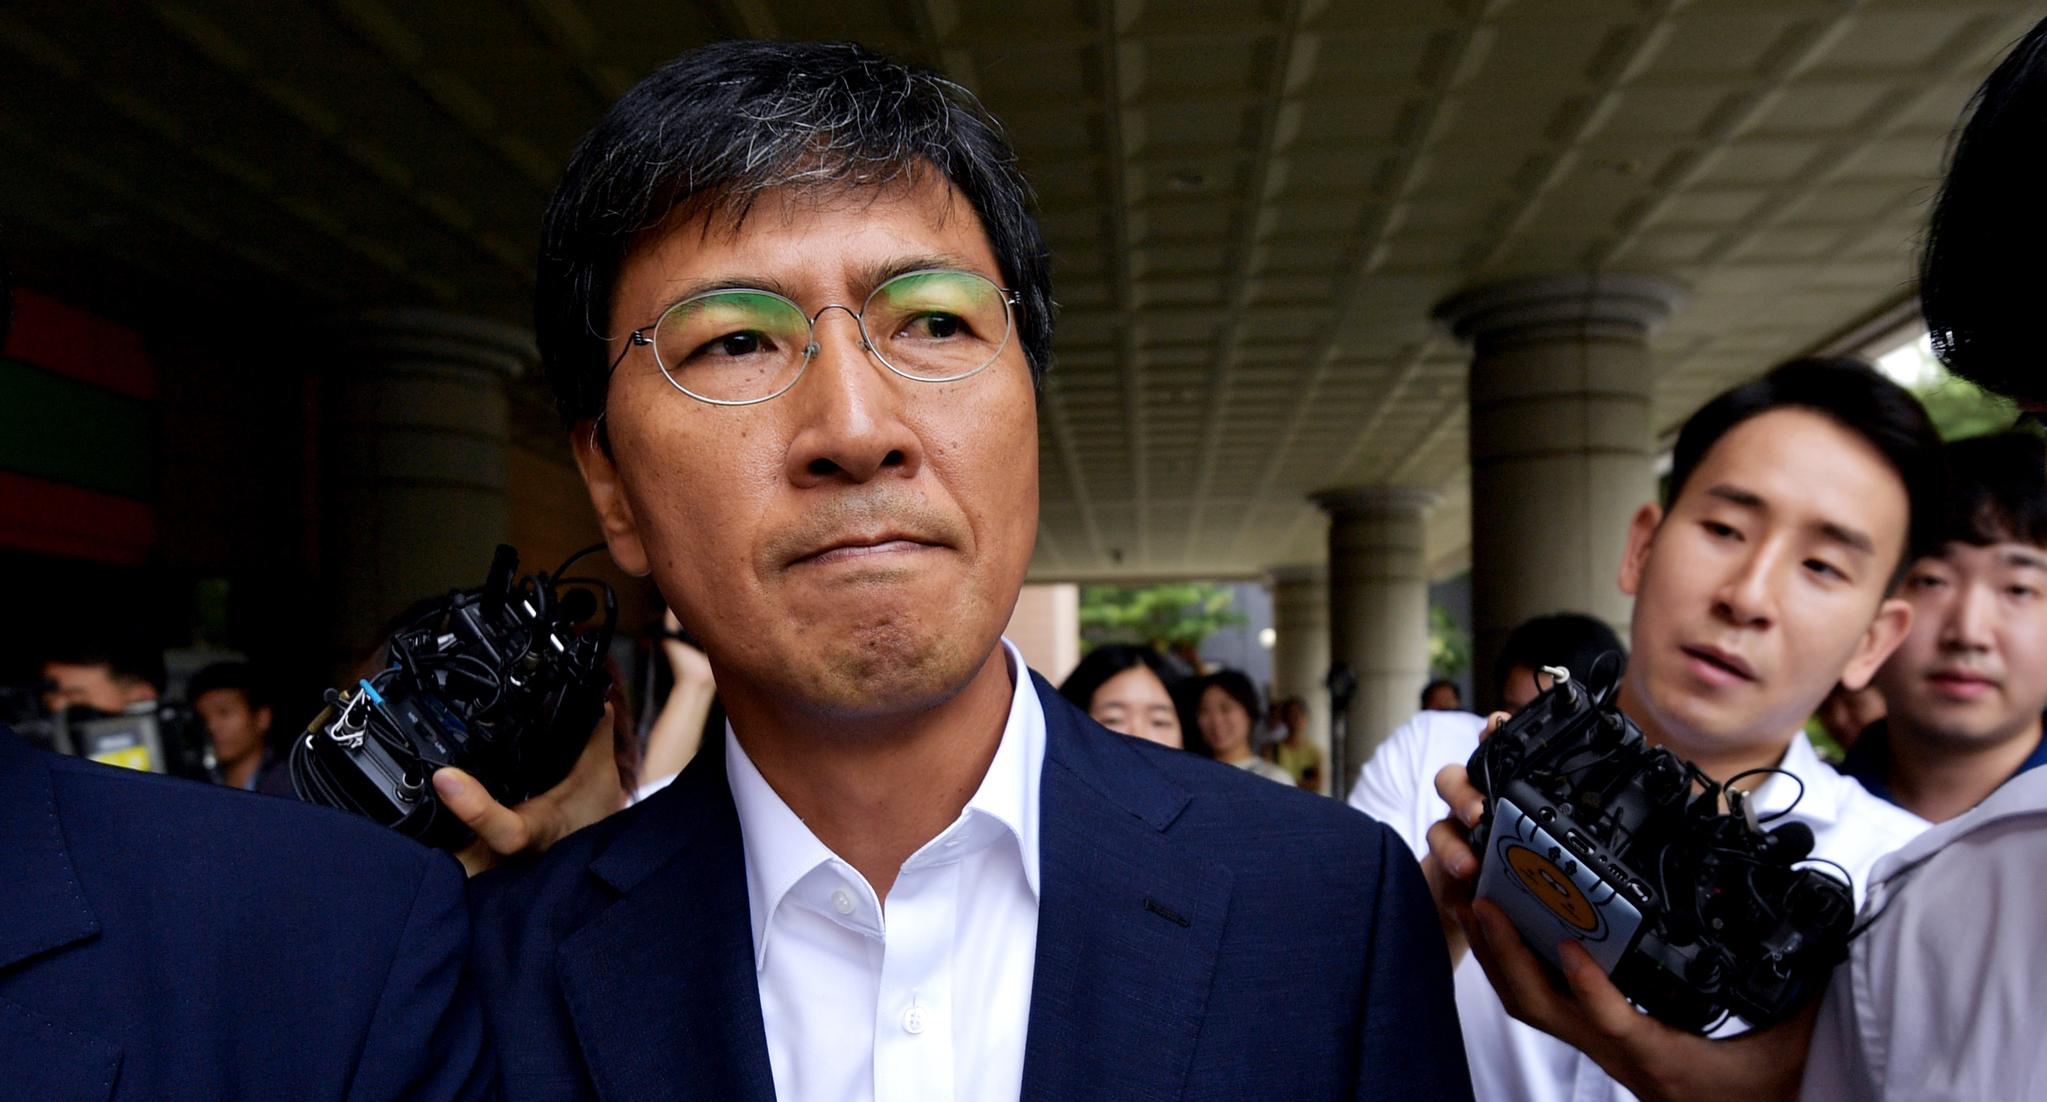 안희정 전 충남도지사가 14일 서울 서부지법에서 열린 1심 선고를 마치고 법정을 나서고 있다. 변선구 기자